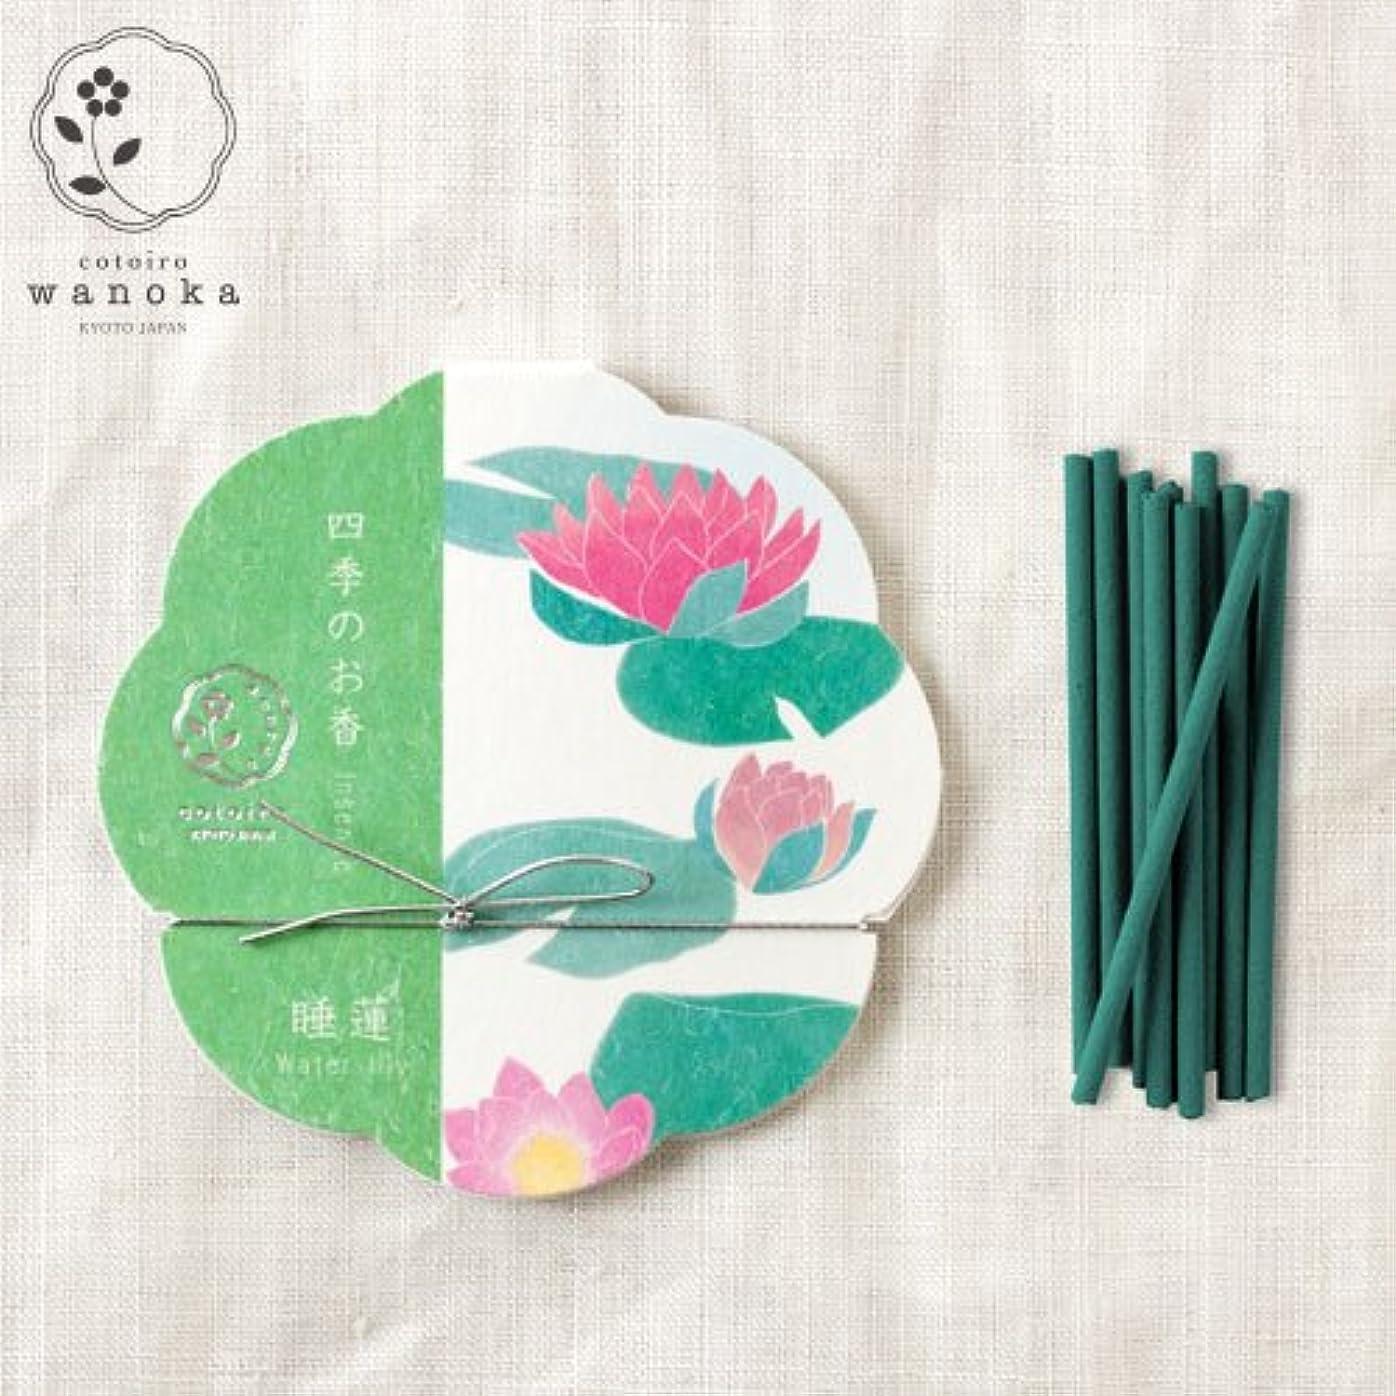 かなりのフォーラムどこでもwanoka四季のお香(インセンス)睡蓮《睡蓮をイメージした清楚な香り》ART LABIncense stick